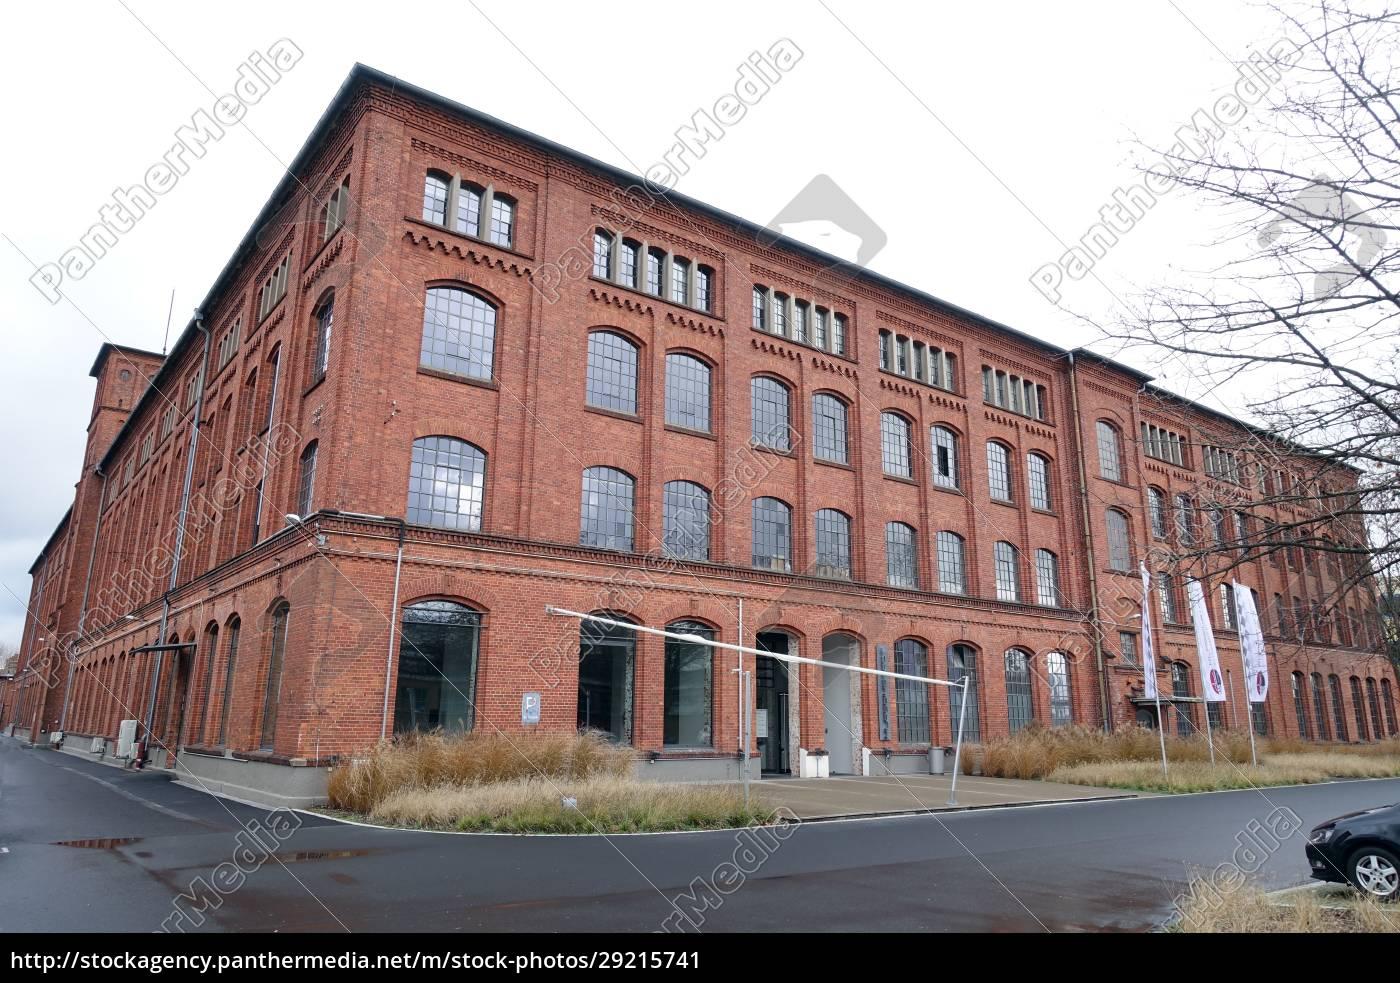 klassikstadt, -, industrial, building, from, 1914, - 29215741